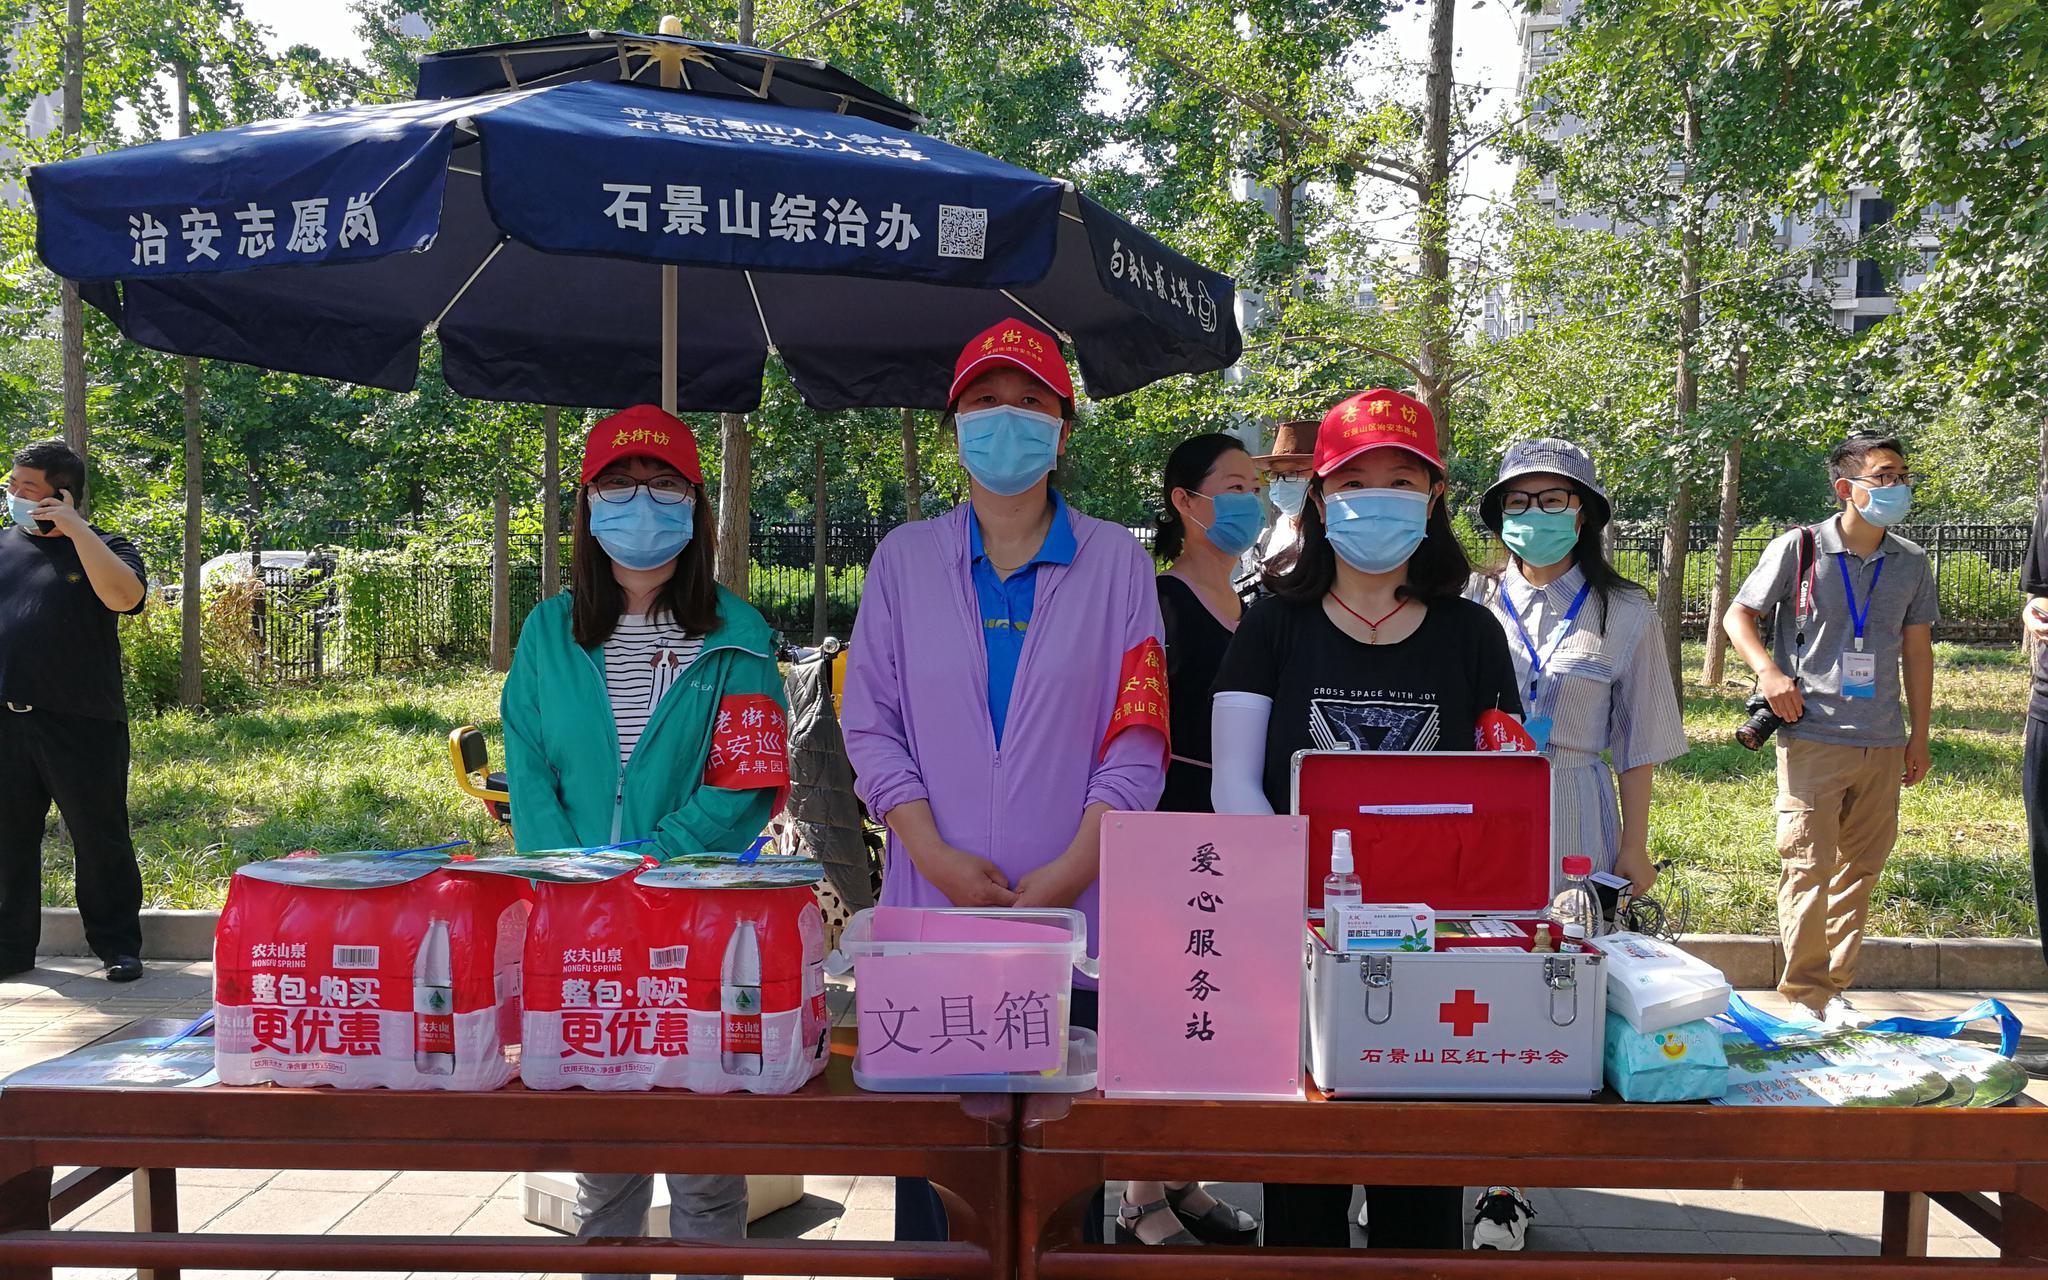 备扇子口罩、一车一人送考 疫情下他们这样服务北京高考图片